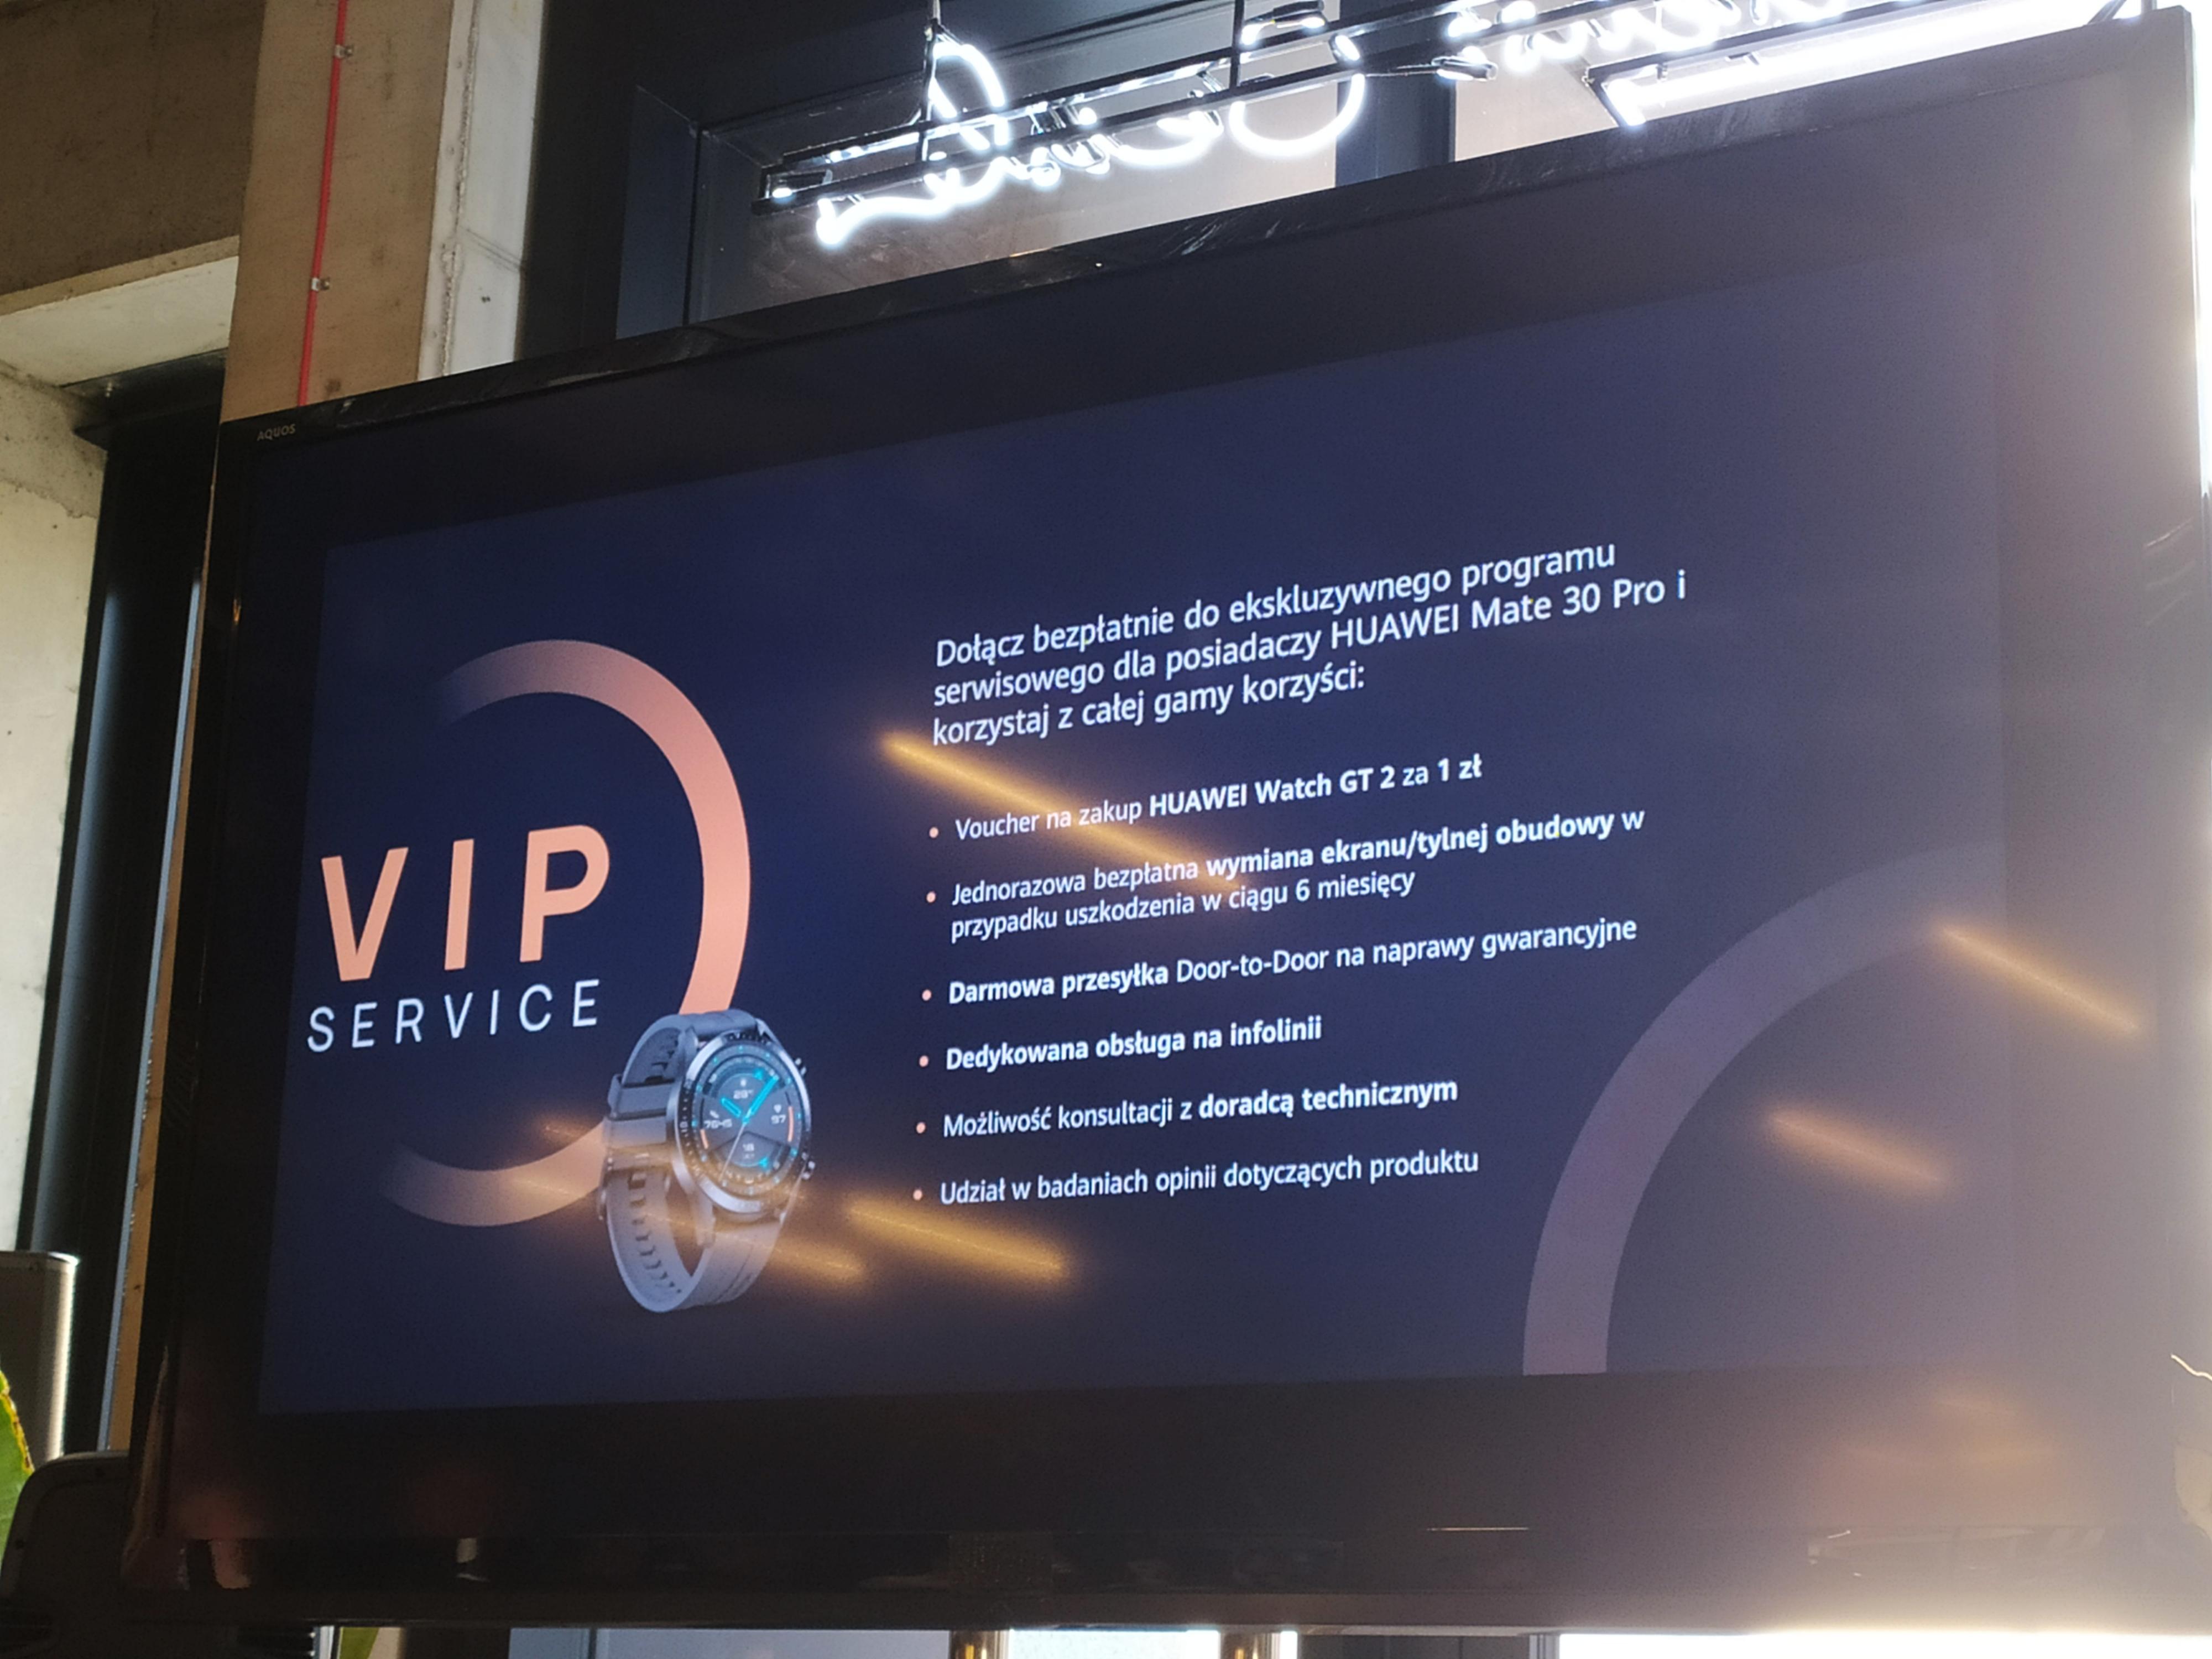 Huawei Mate 30 Pro - pakiet VIP Service